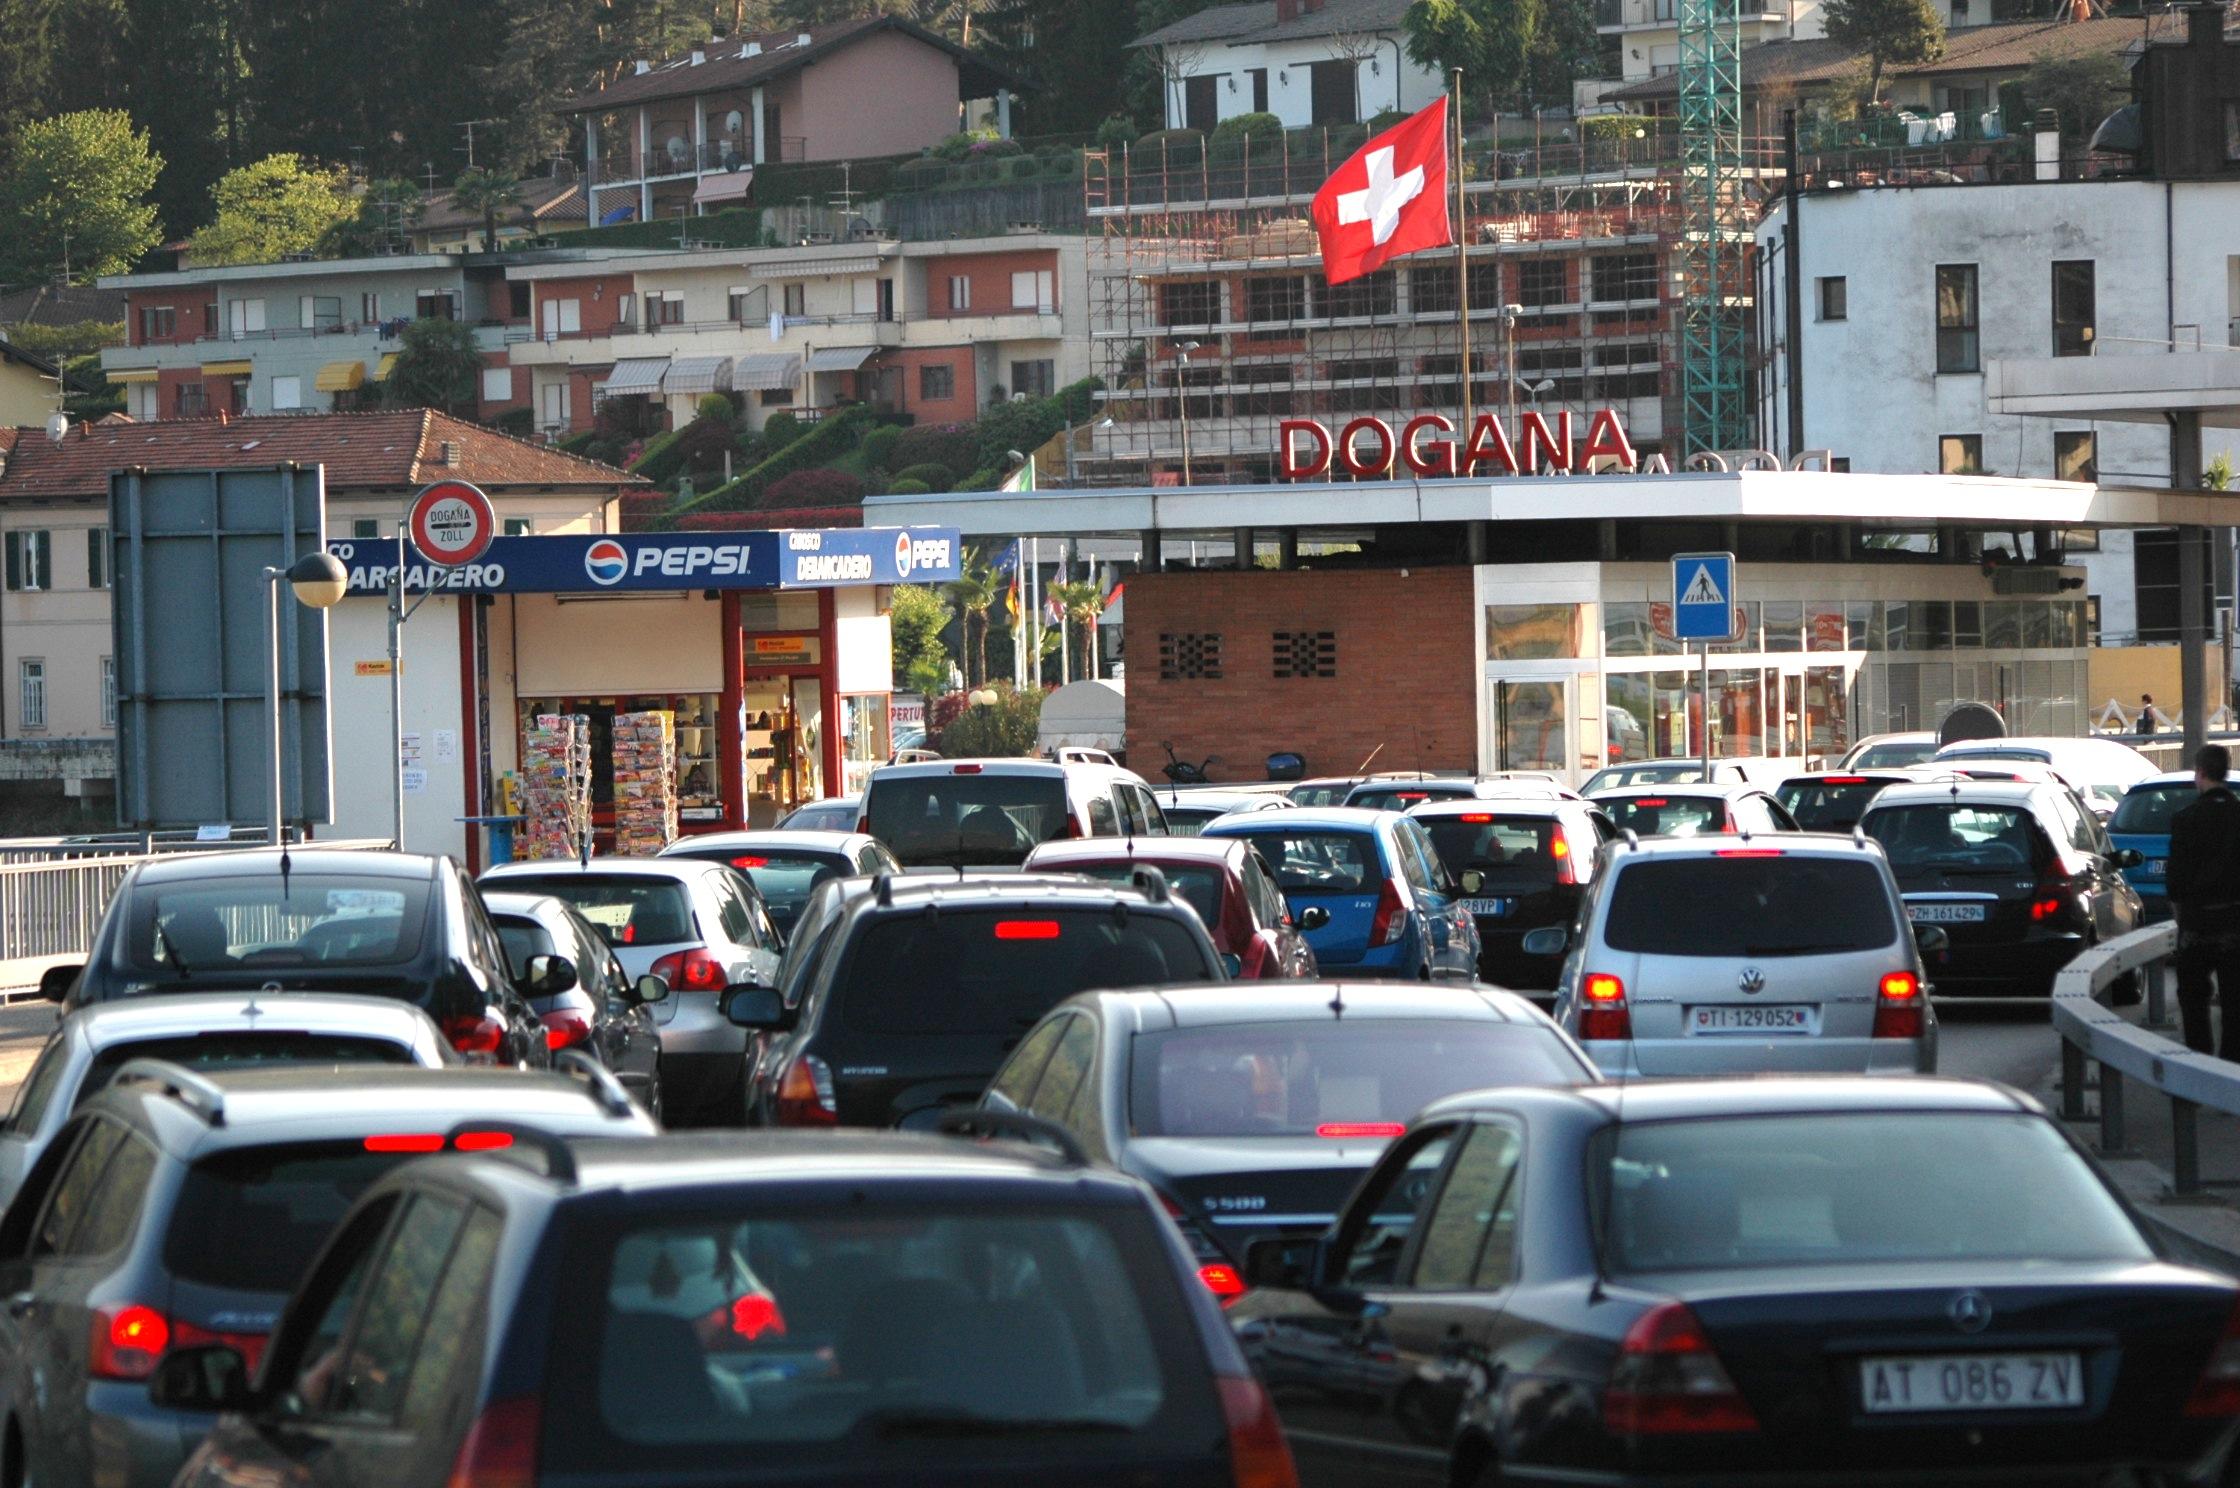 Ristorni dei frontalieri: in Ticino si attendono segnali da Roma